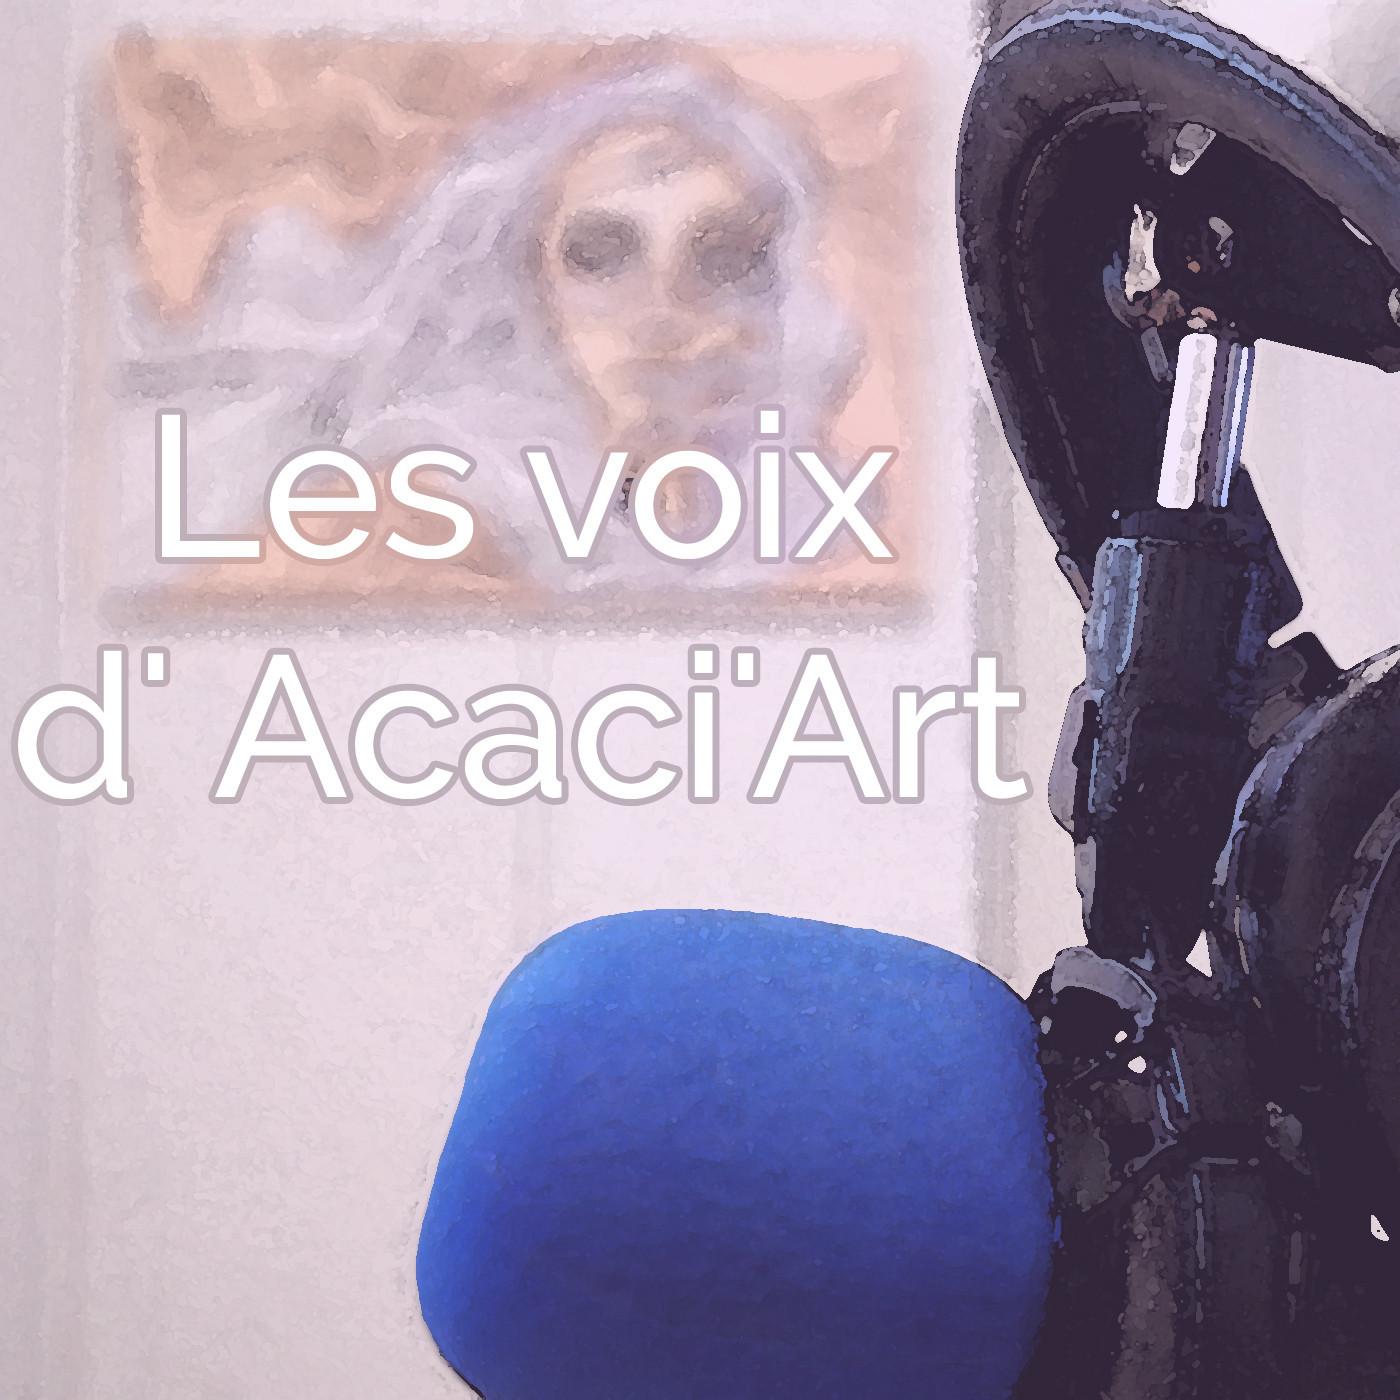 Les voix d'Acaci'Art - Cristelle Green - Chanteuse